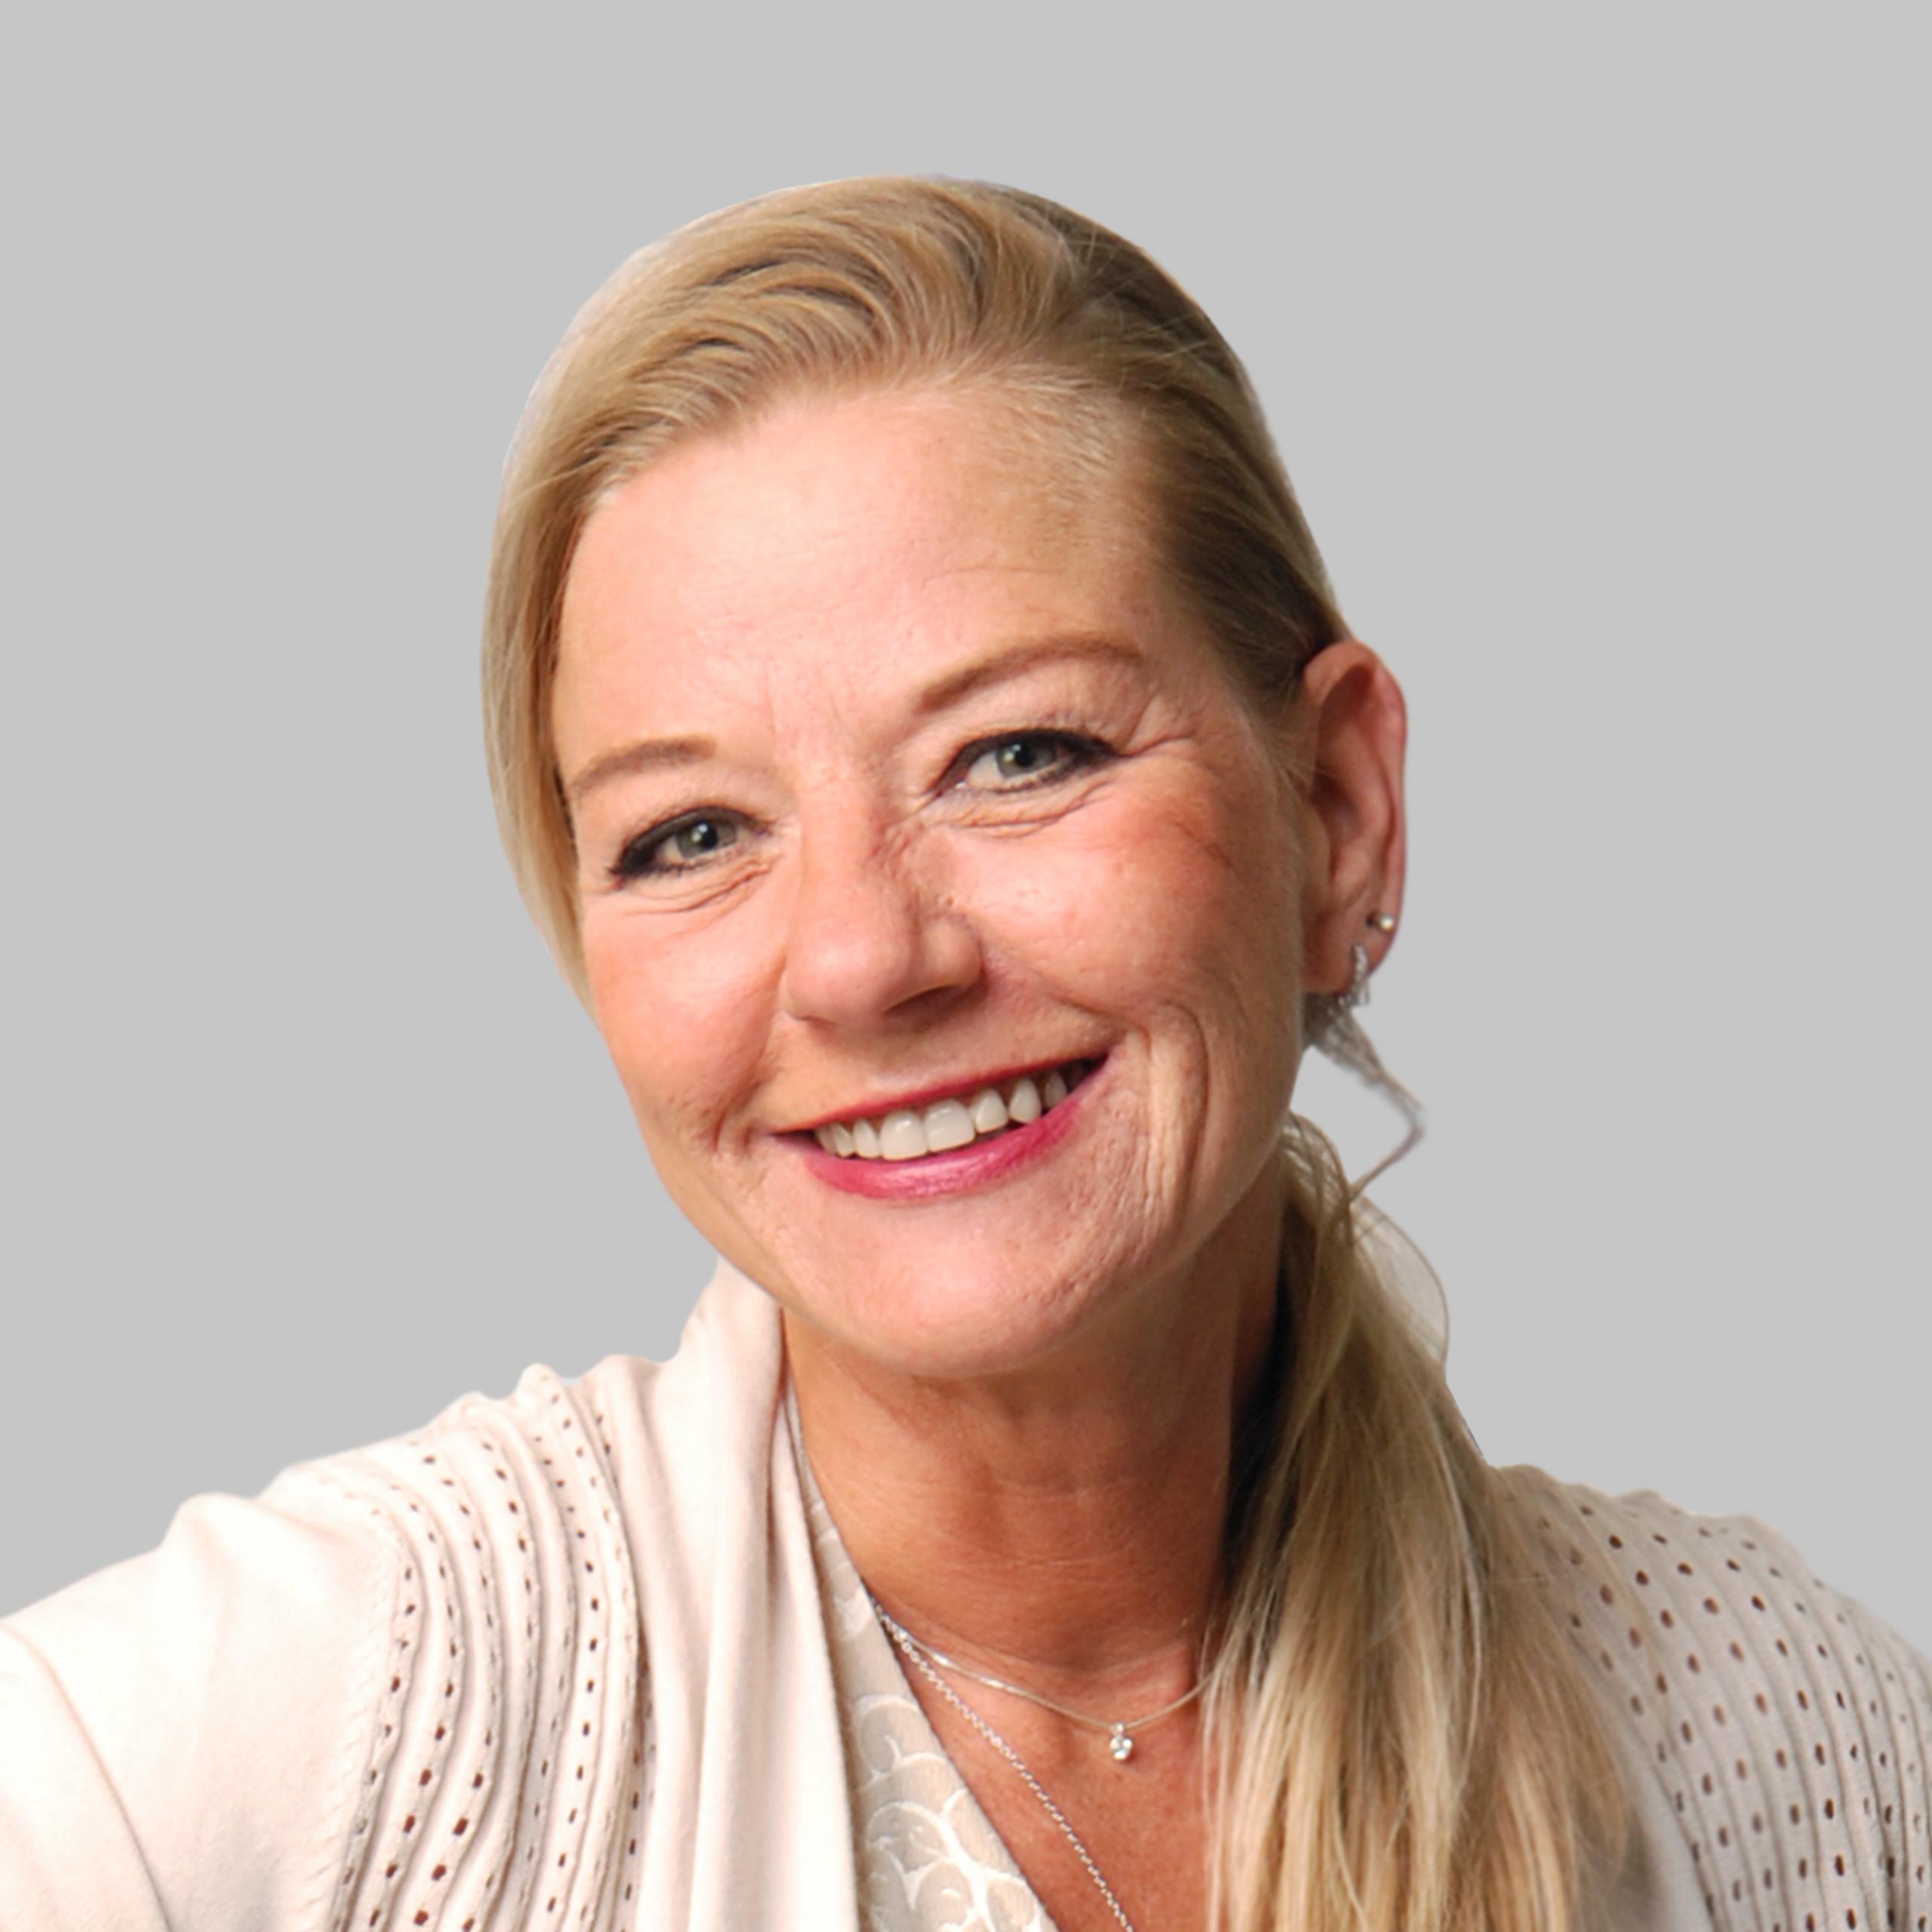 Nicole Sommerfeldt